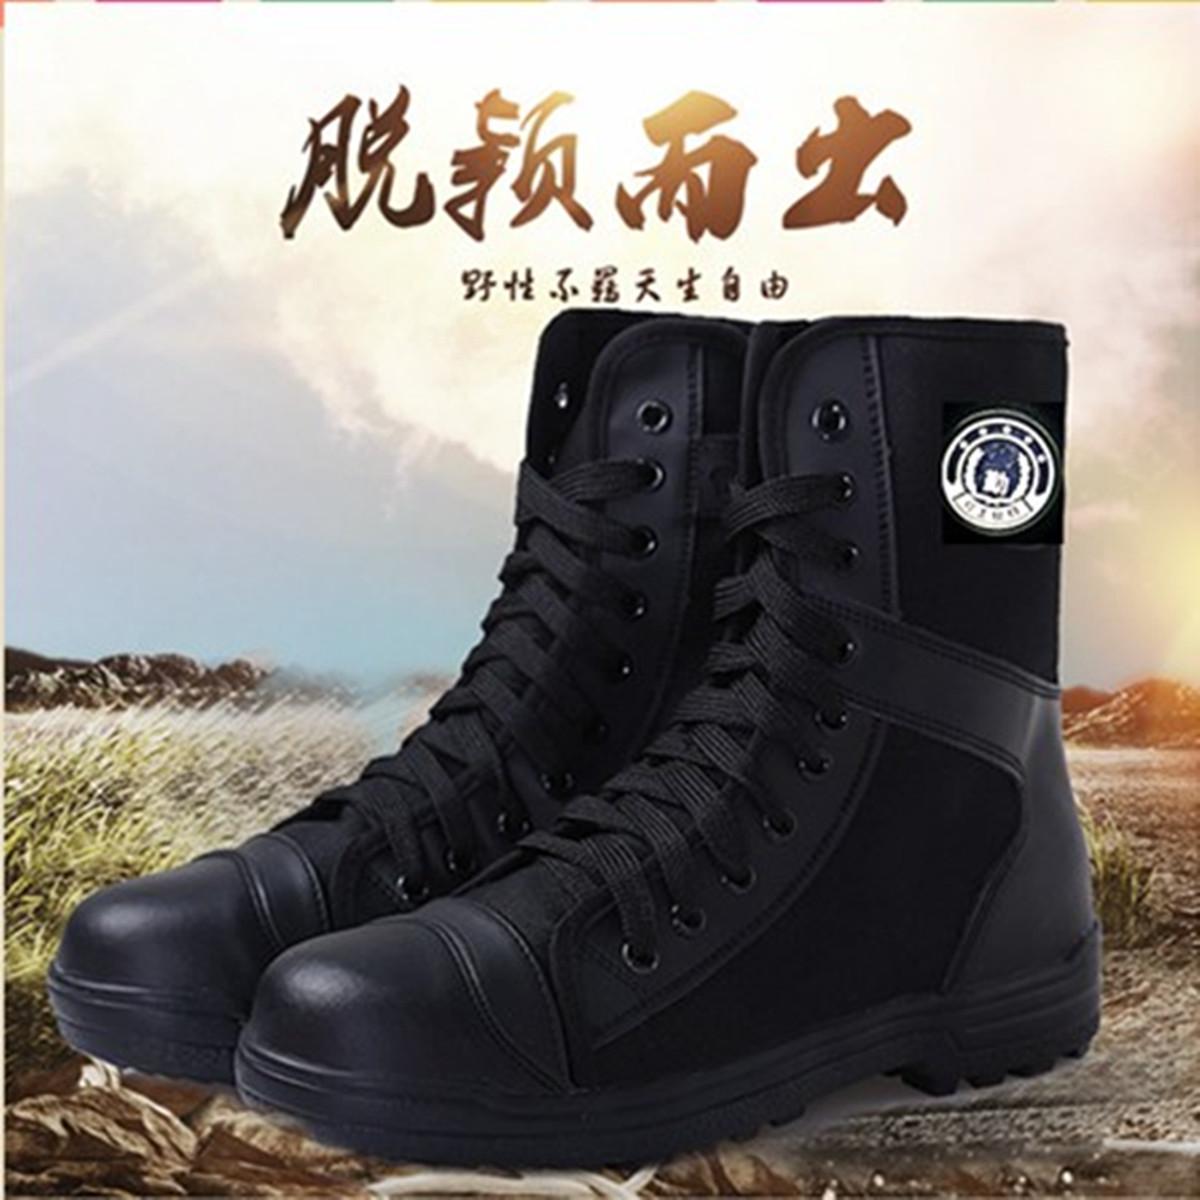 Армия ботинок мужчина специальный тип солдаты черный холст воздухопроницаемый специальный поезд ботинок борьба ботинок меш высокий лето сделать поезд ботинок безопасность обувной